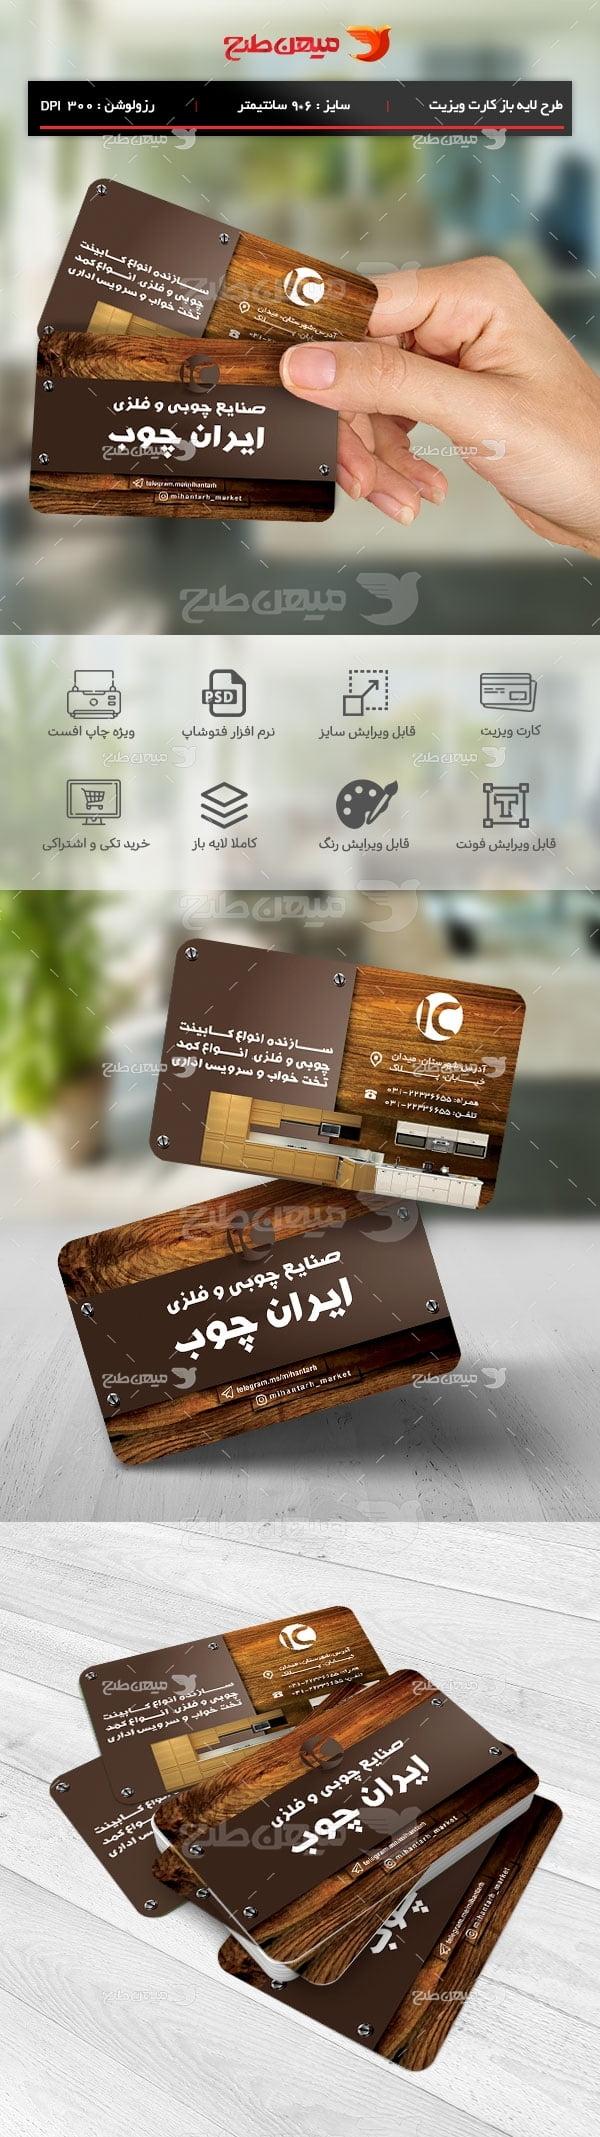 طرح لایه باز کارت ویزیت صنایع چوبی و فلزی ایران چوب